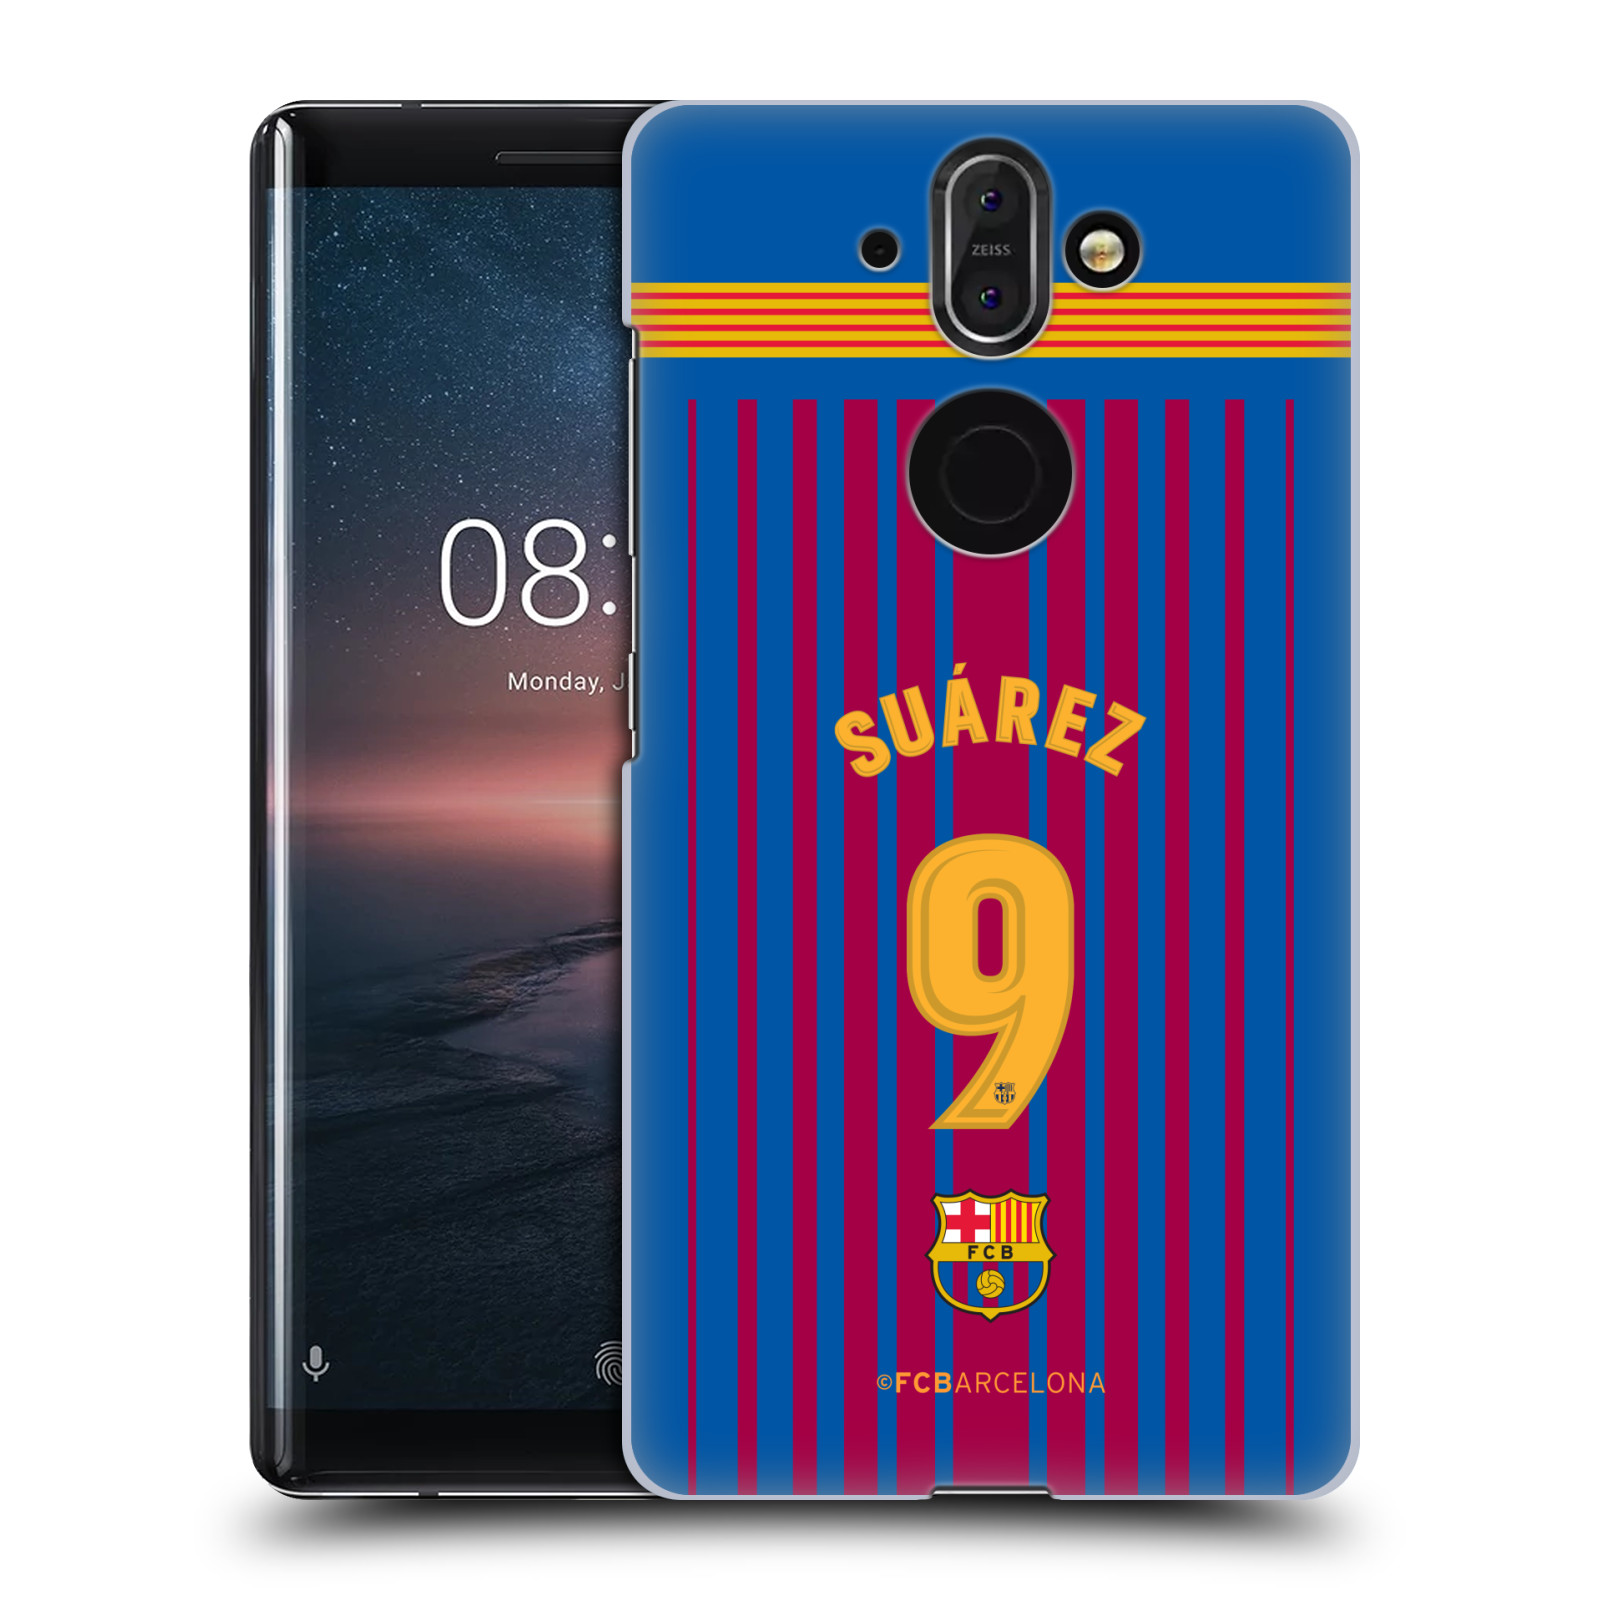 Plastové pouzdro na mobil Nokia 8 Sirocco - Head Case - FC Barcelona - Dres Suárez